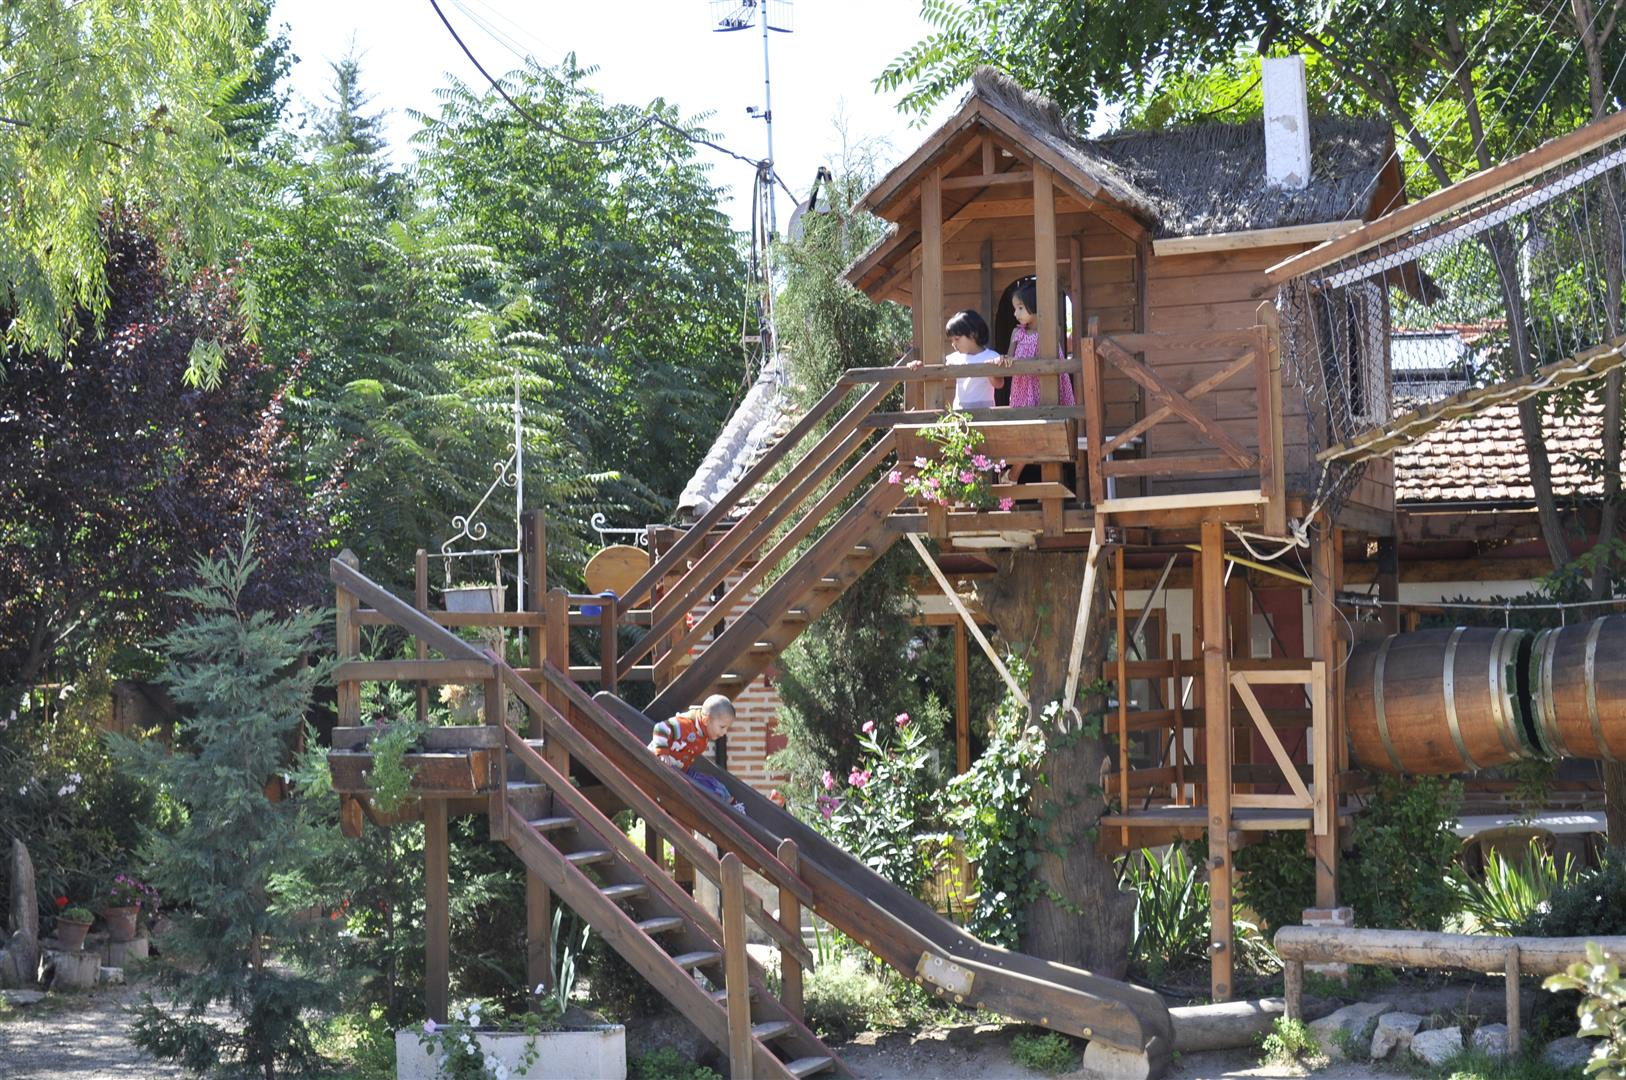 La casa del rbol casas rurales las cavas - Casas en los arboles girona ...